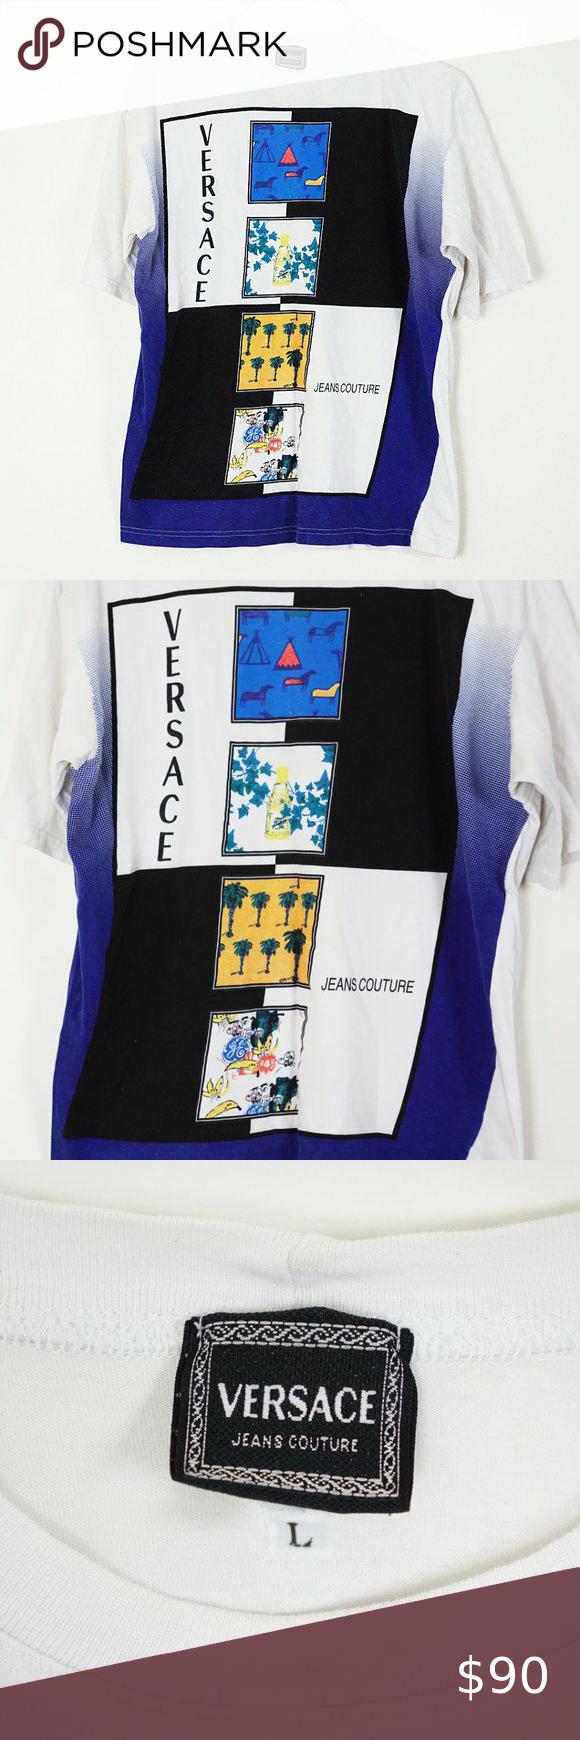 Versace Jeans Couture Logo T Shirt L Versace Jeans Couture Versace Jeans Shirt Versace Jeans